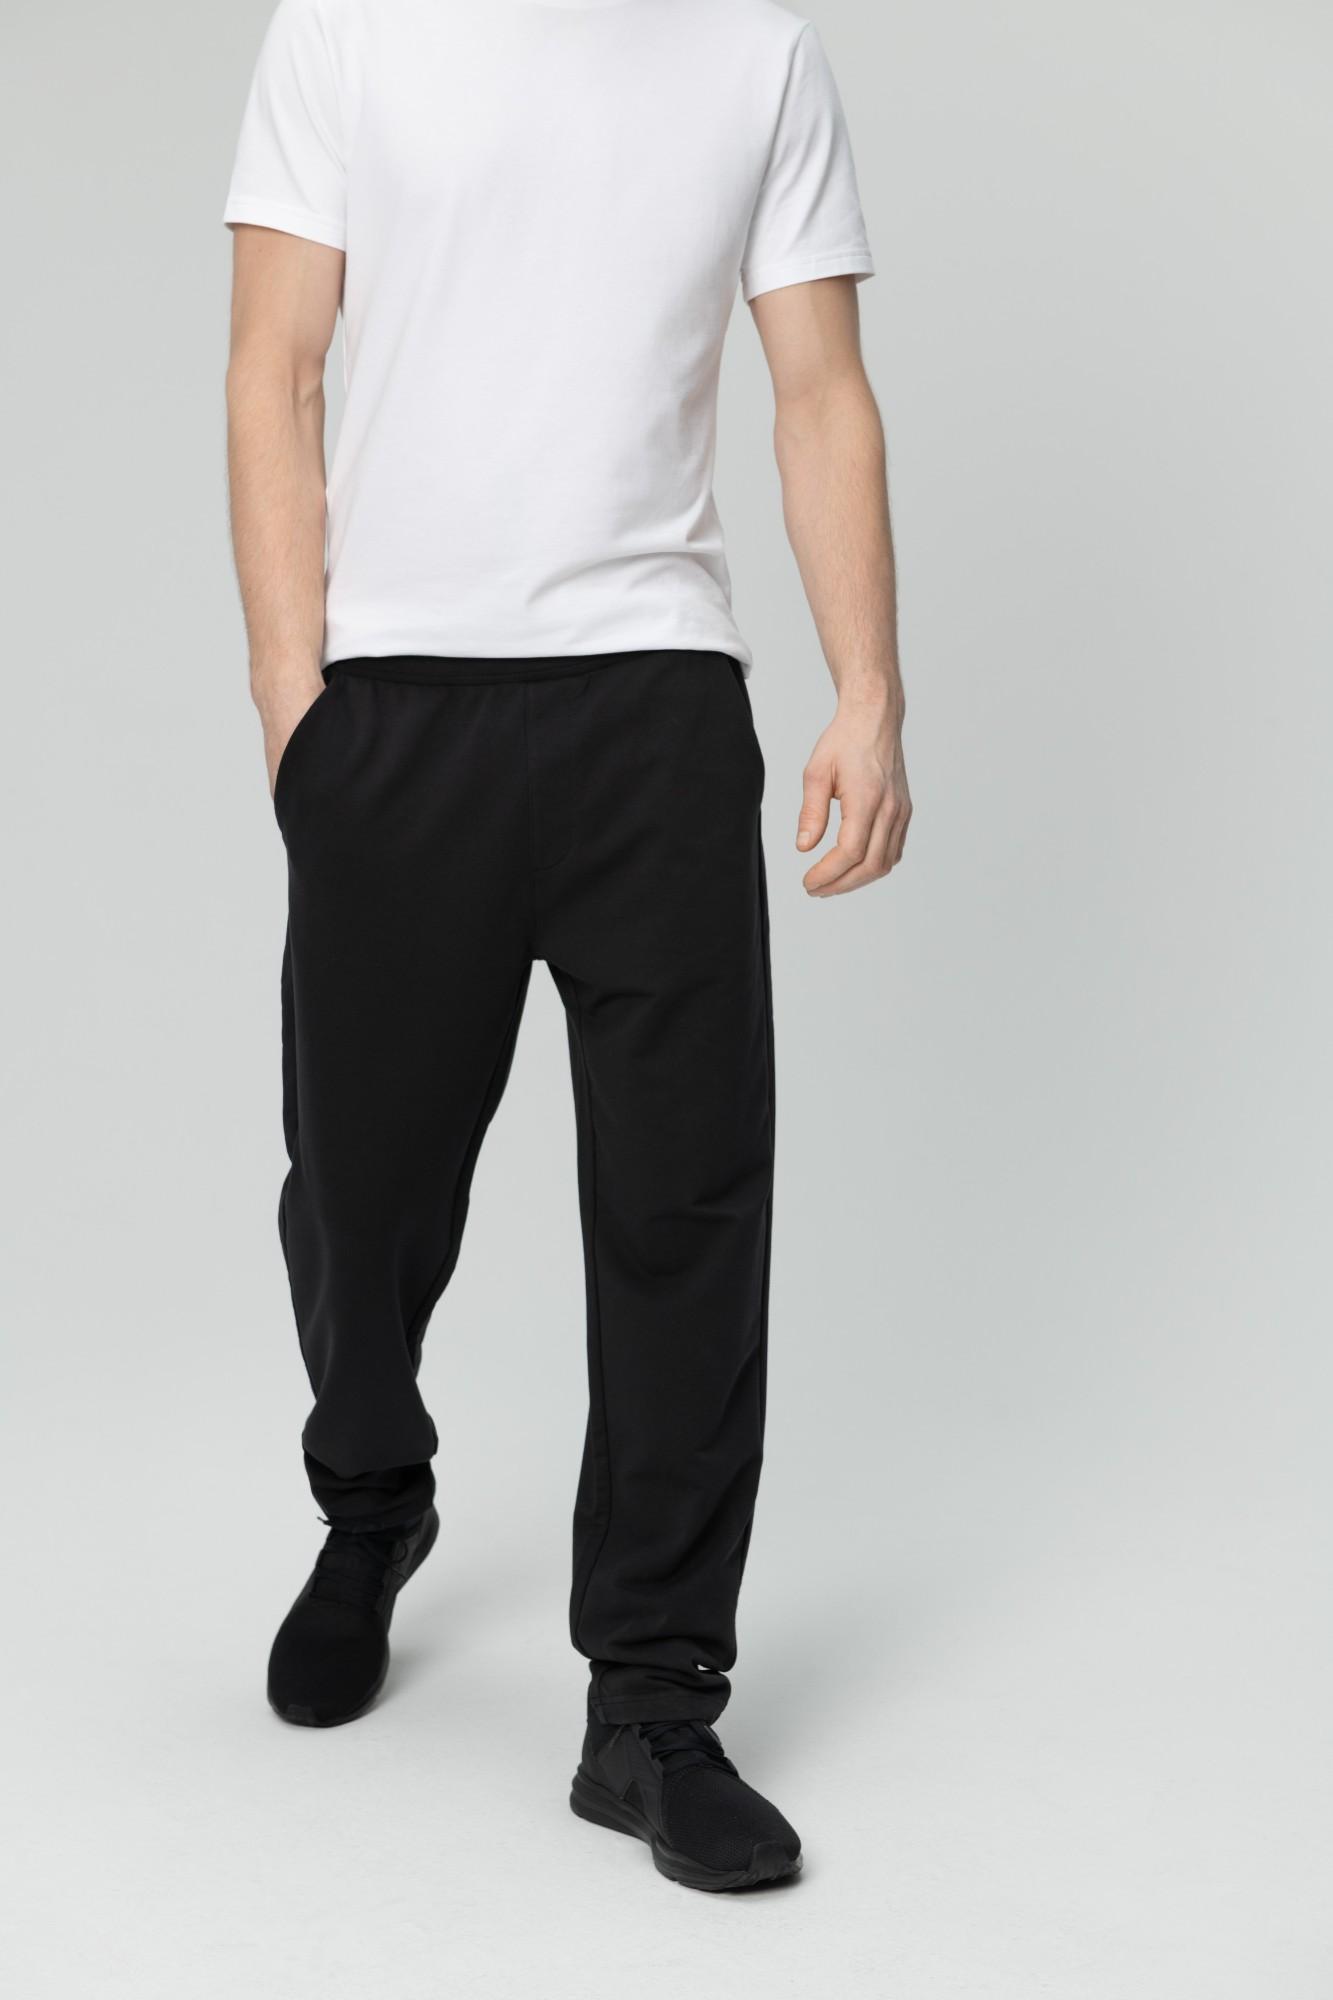 AUDIMAS Tamprios medvilninės kelnės 1821-463 Black 176/XL